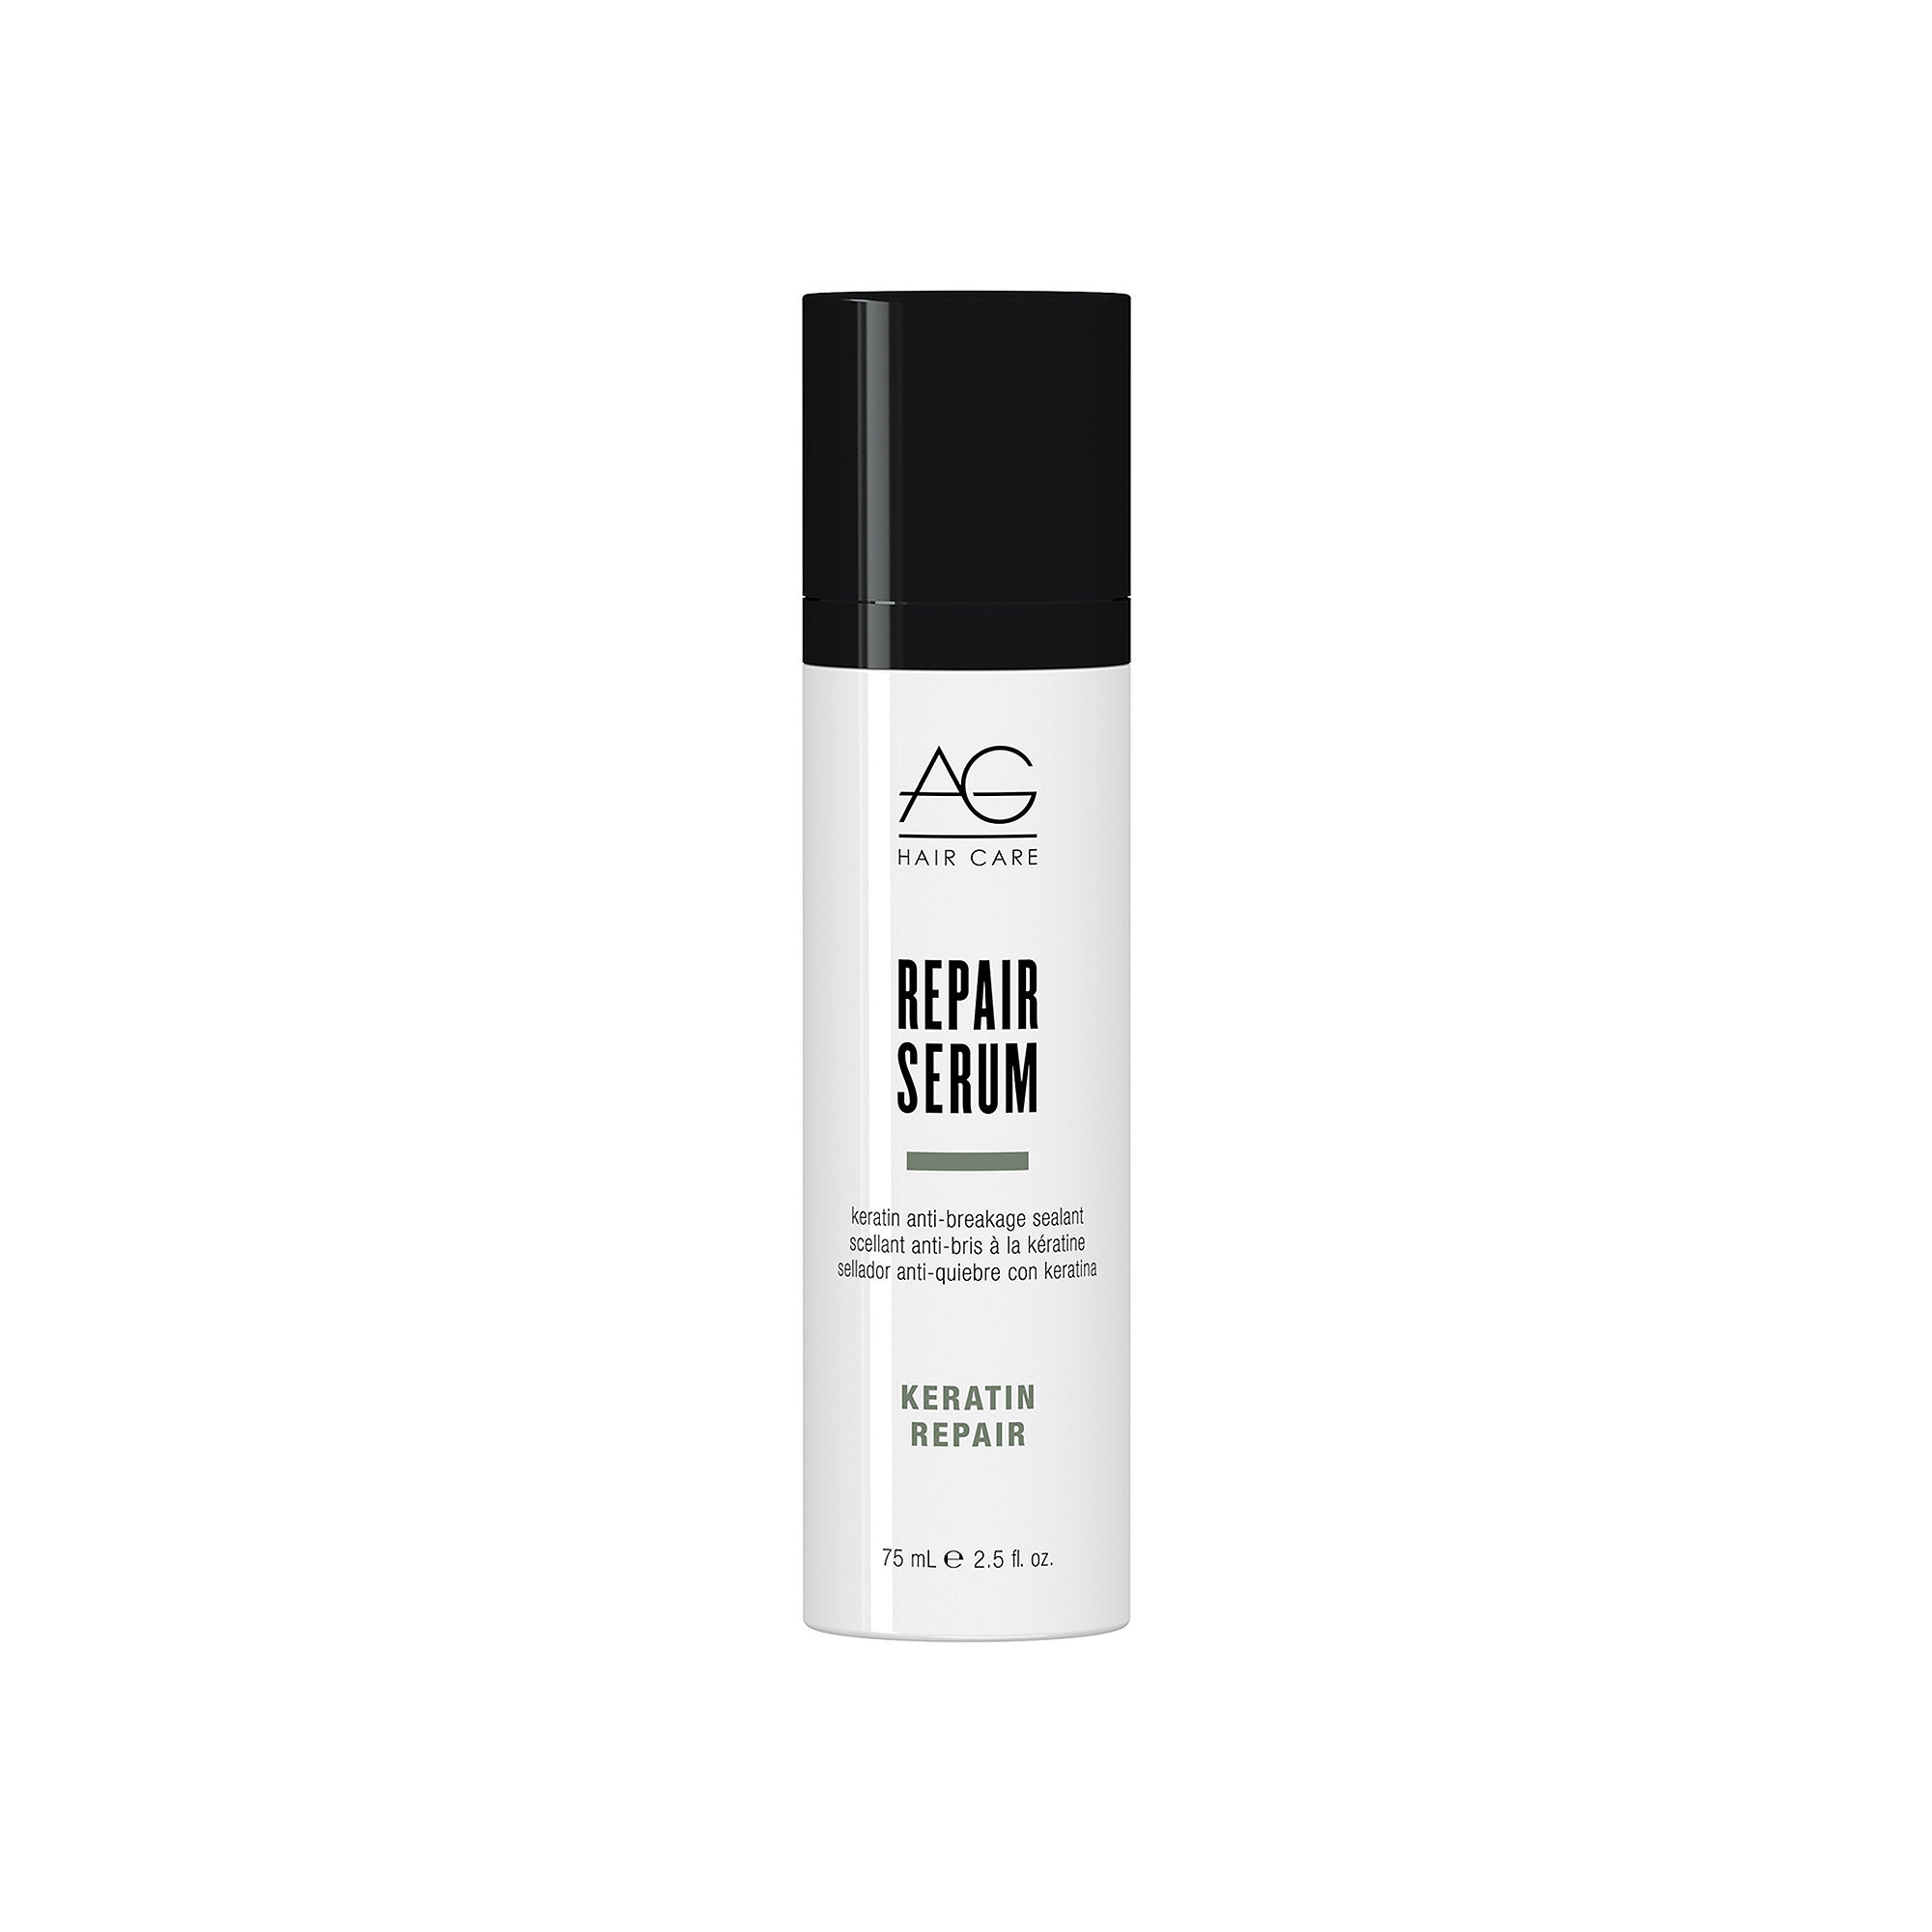 Ag Hair Keratin Repair Repair Serum Keratin Anti-Breakage Sealant